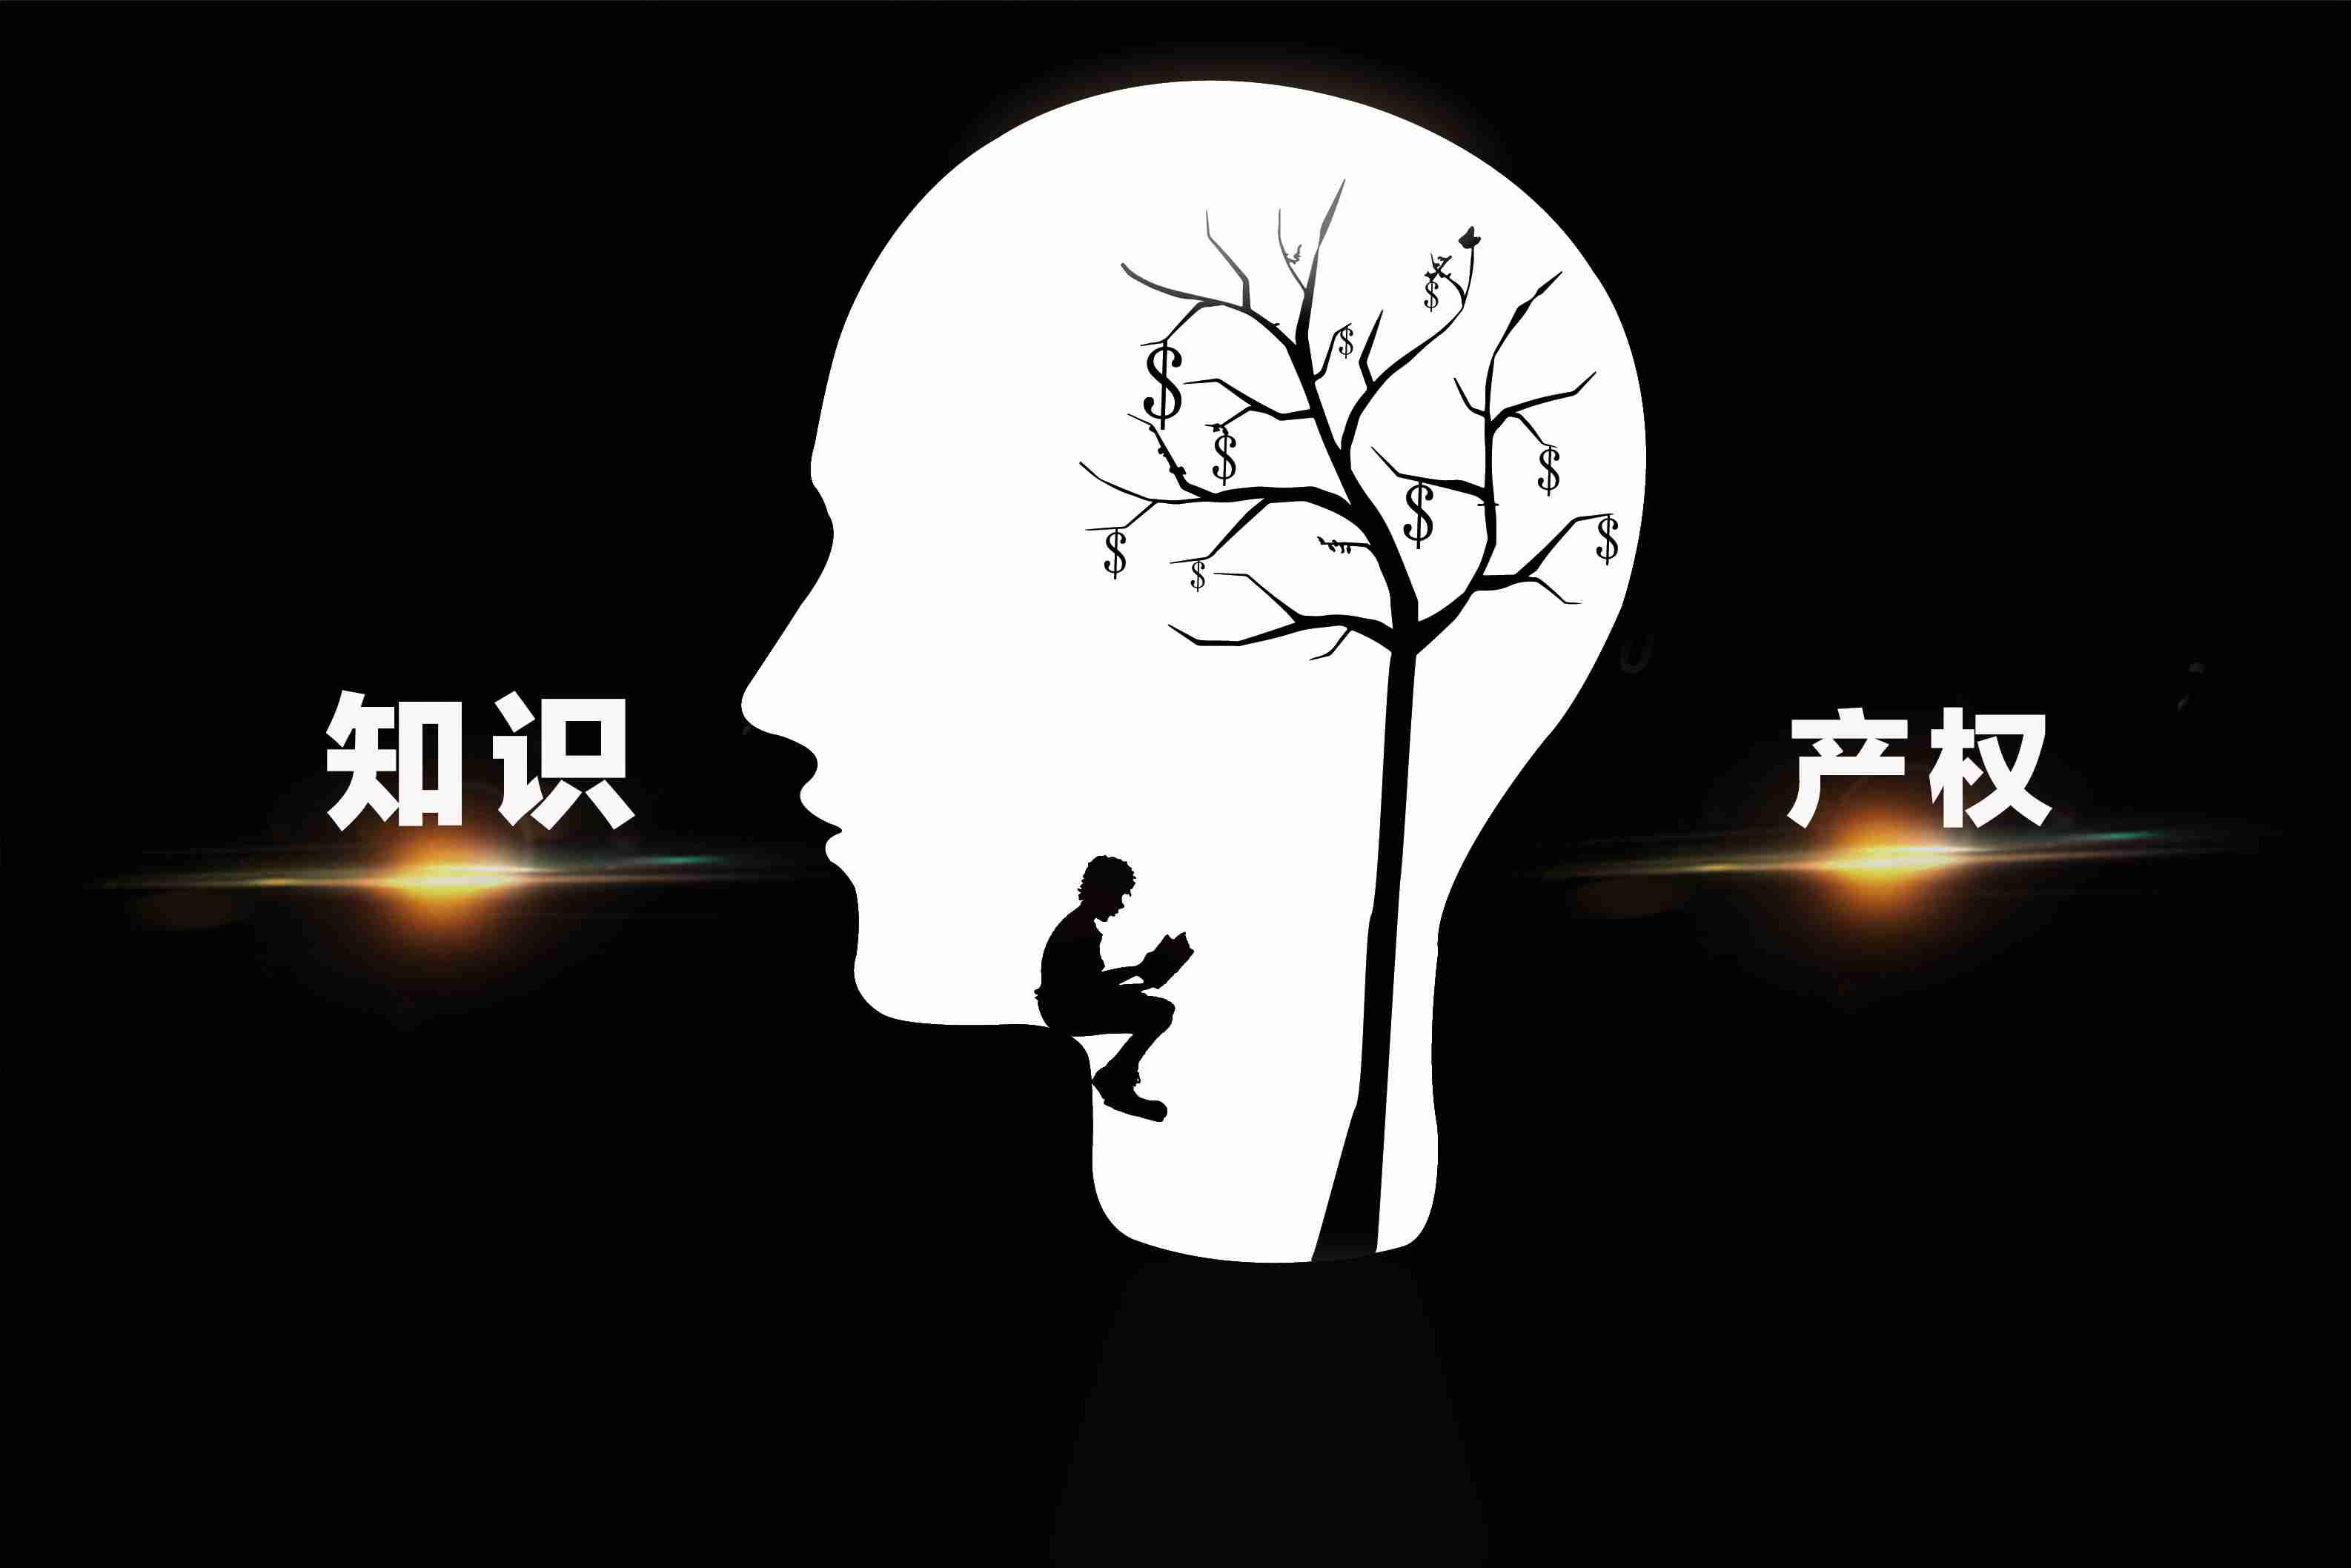 深圳专利律师收费标准